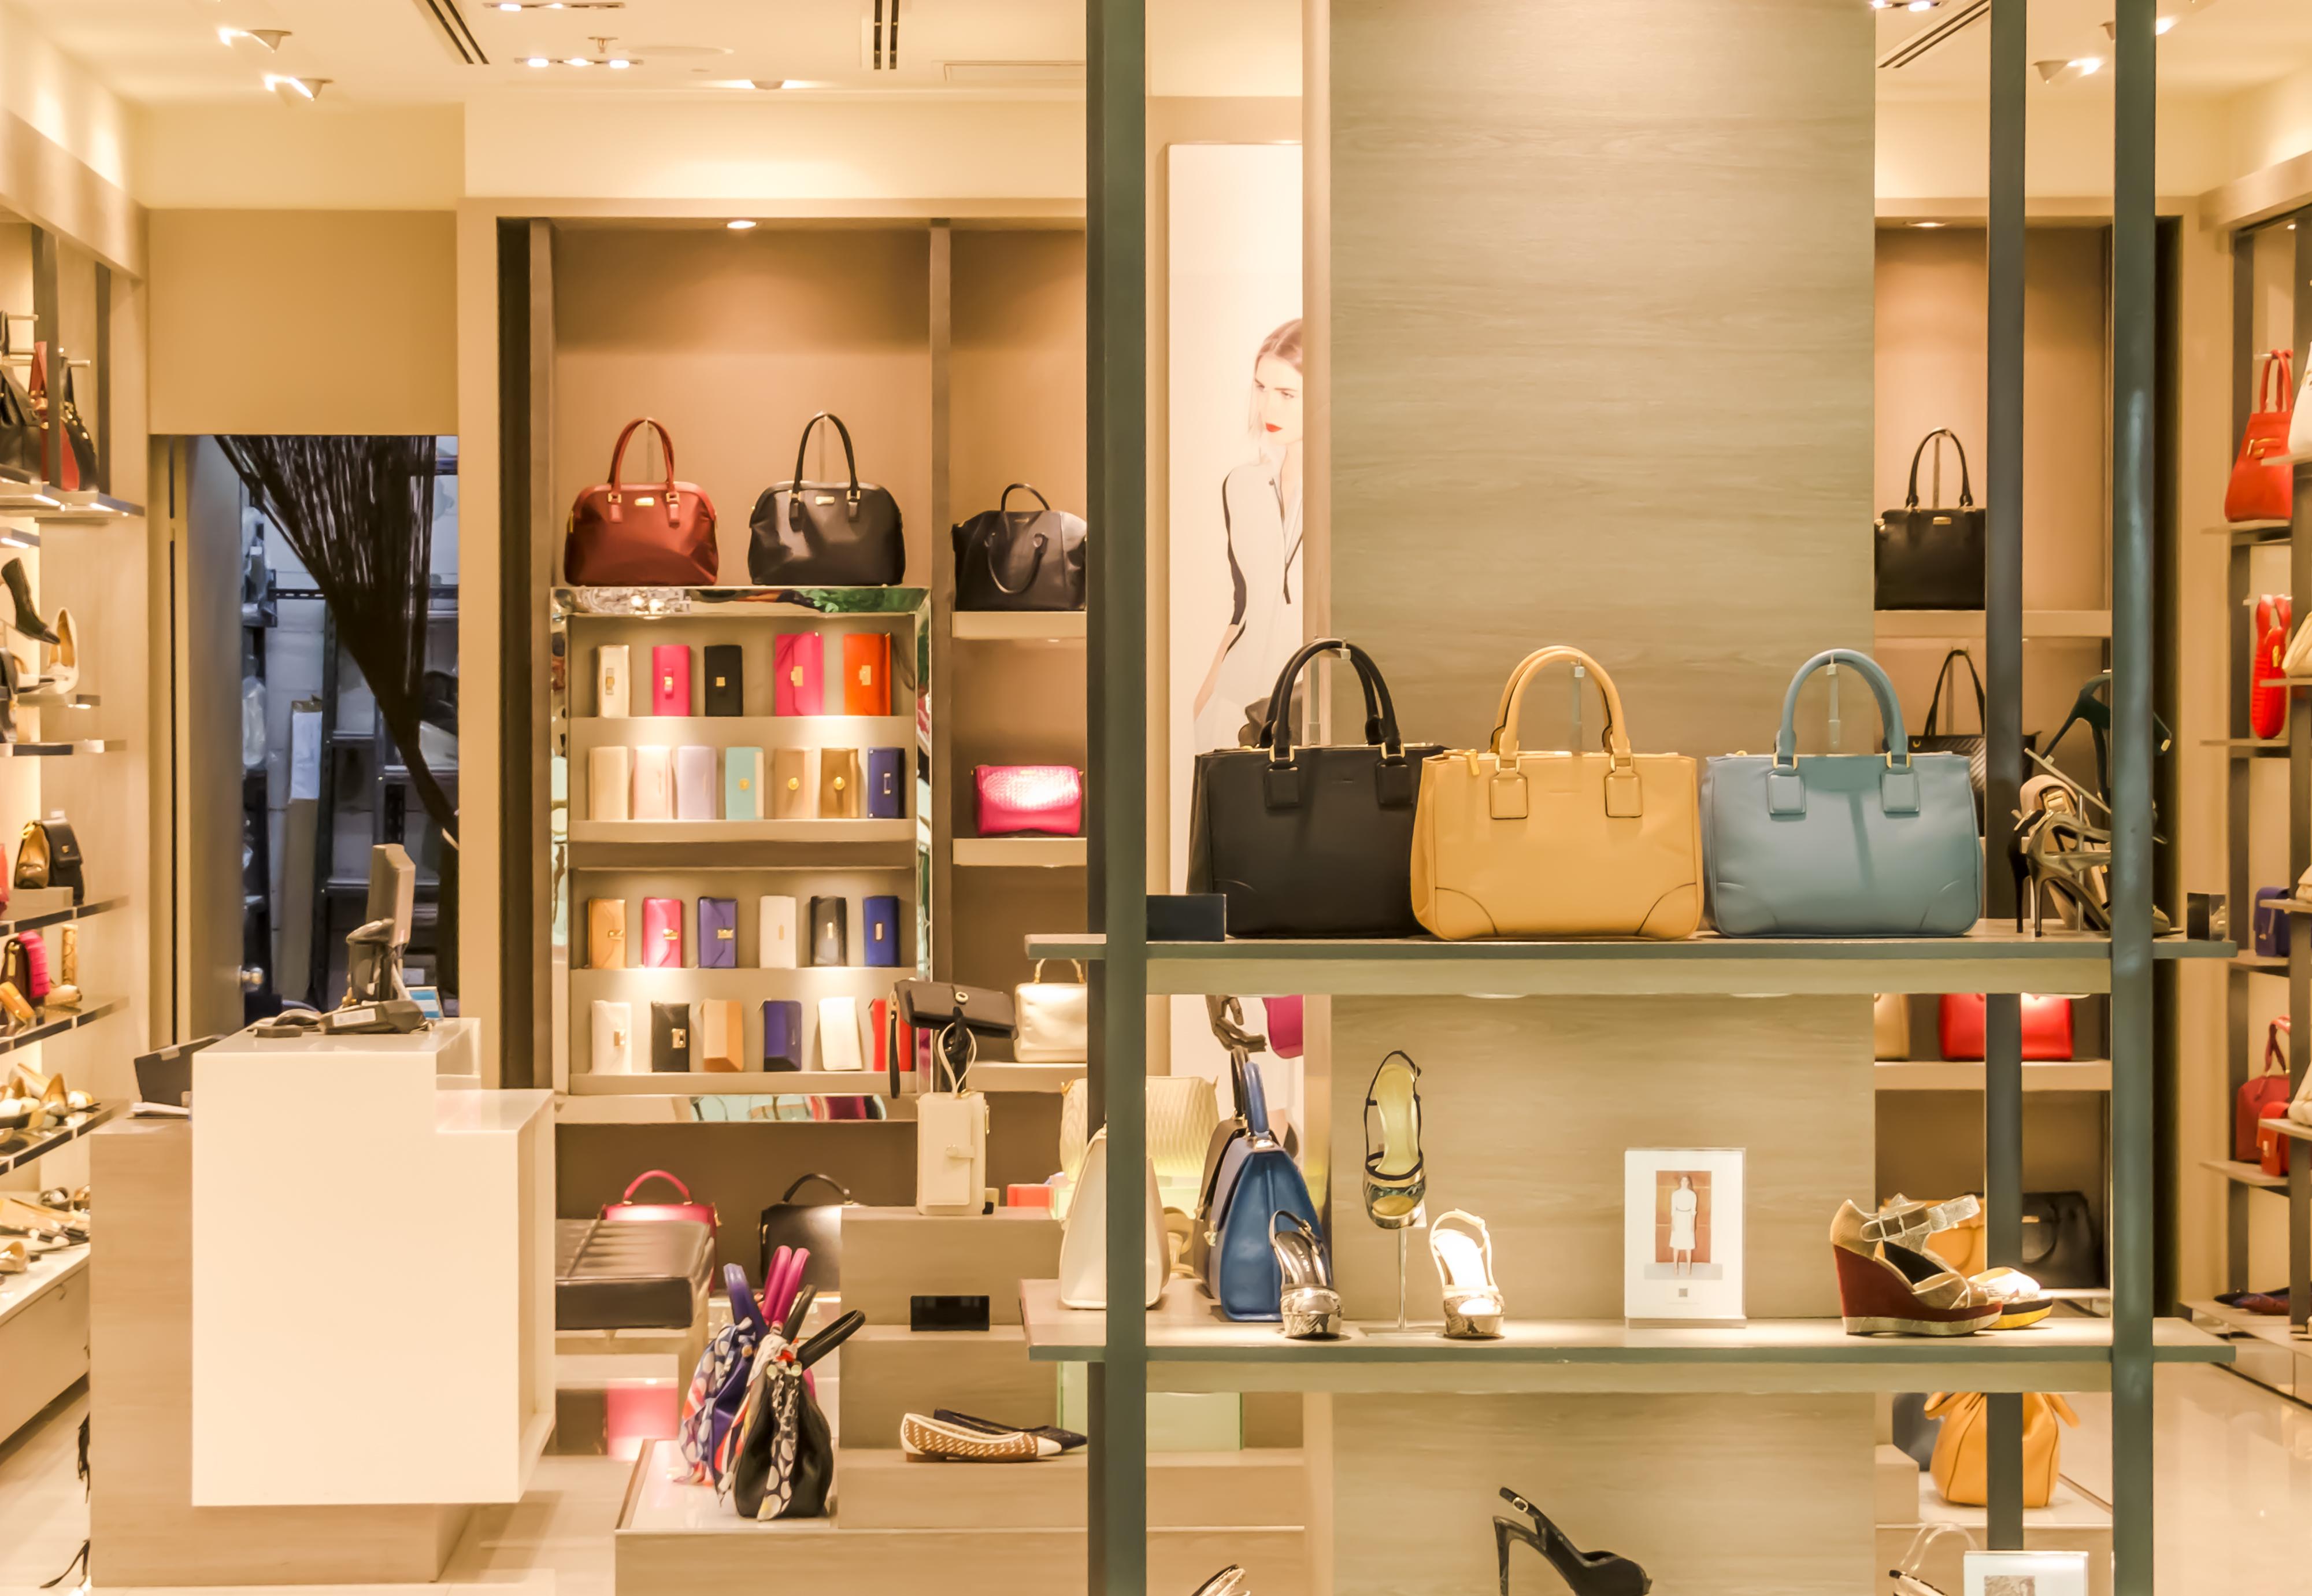 Kết quả hình ảnh cho fashion shelf